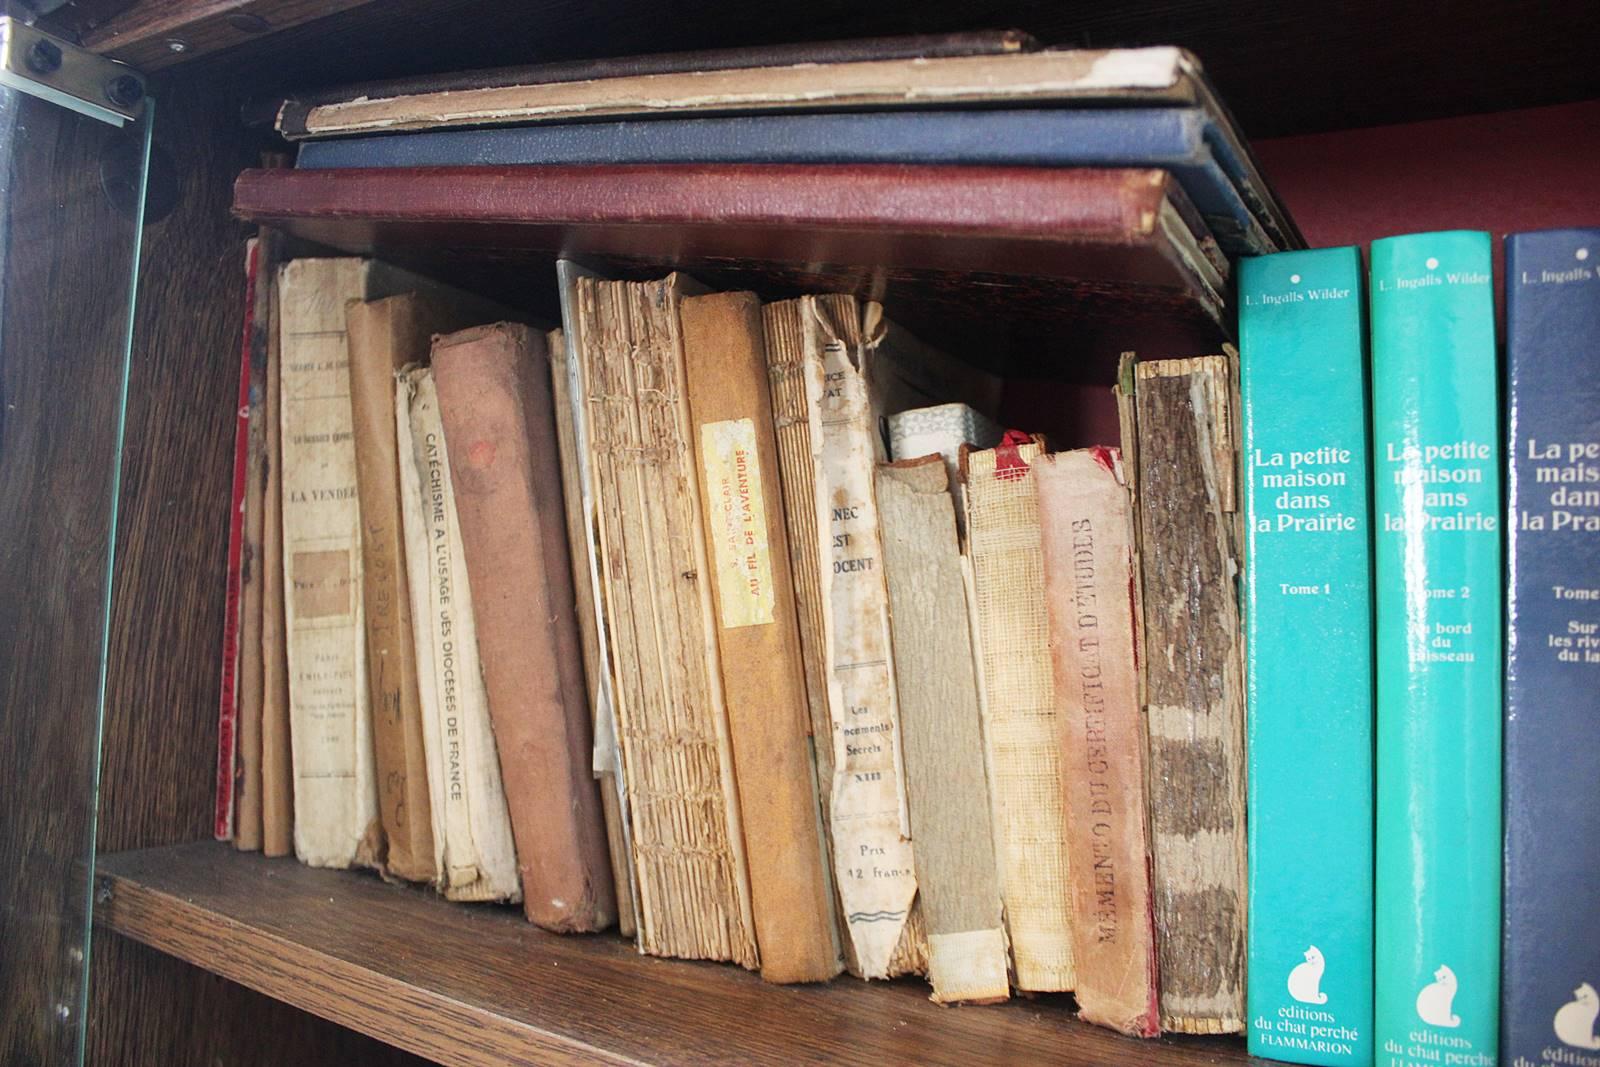 Cabinet des curiosites 15